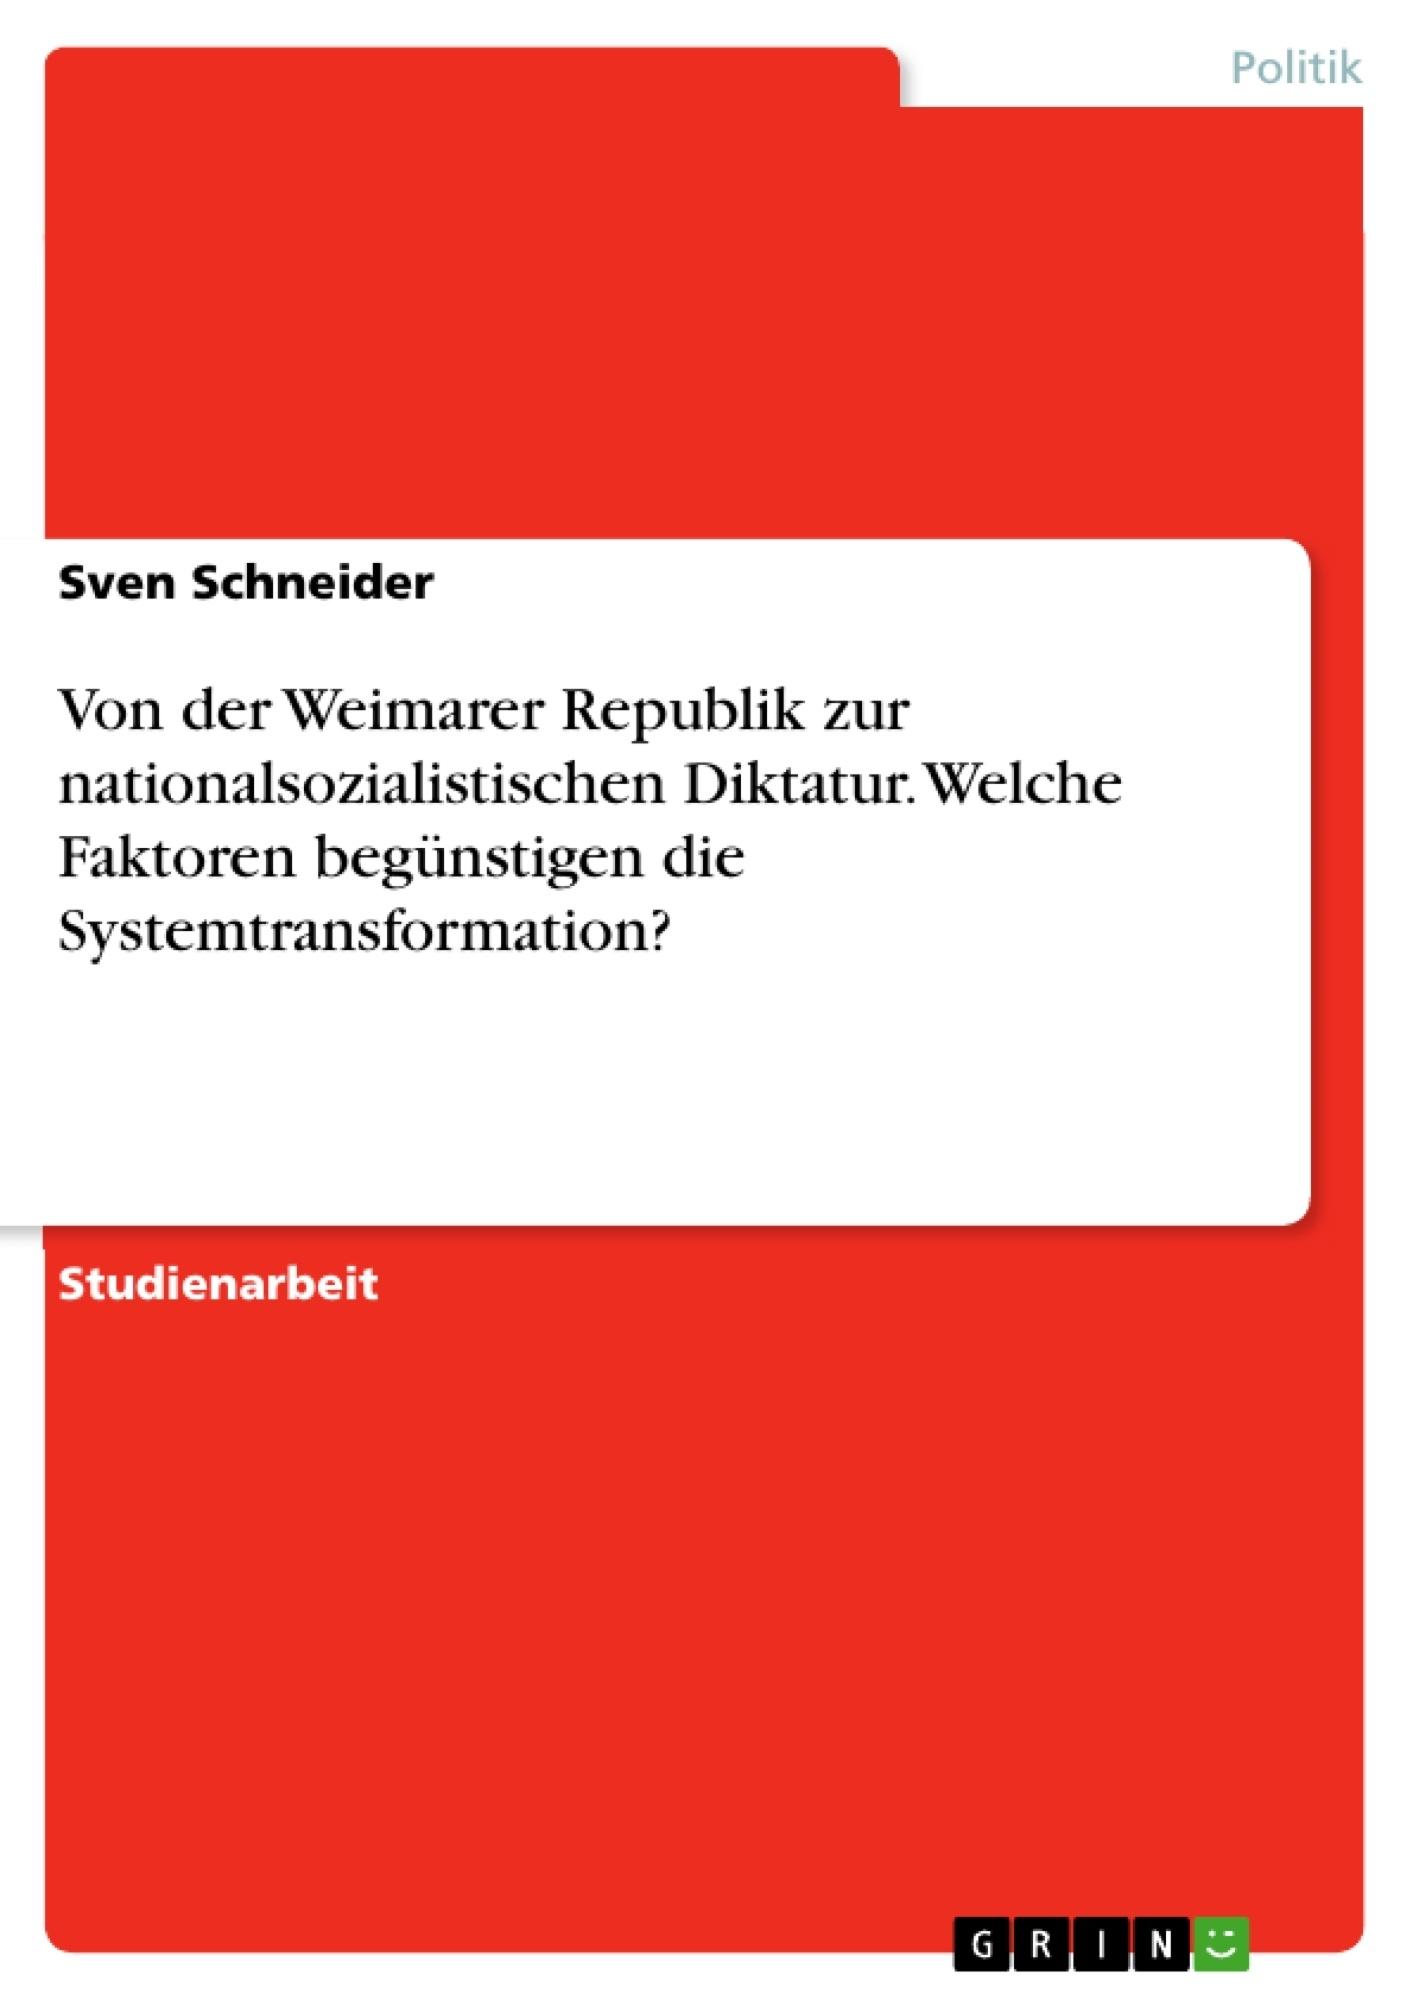 Titel: Von der Weimarer Republik zur nationalsozialistischen Diktatur. Welche Faktoren begünstigen die Systemtransformation?